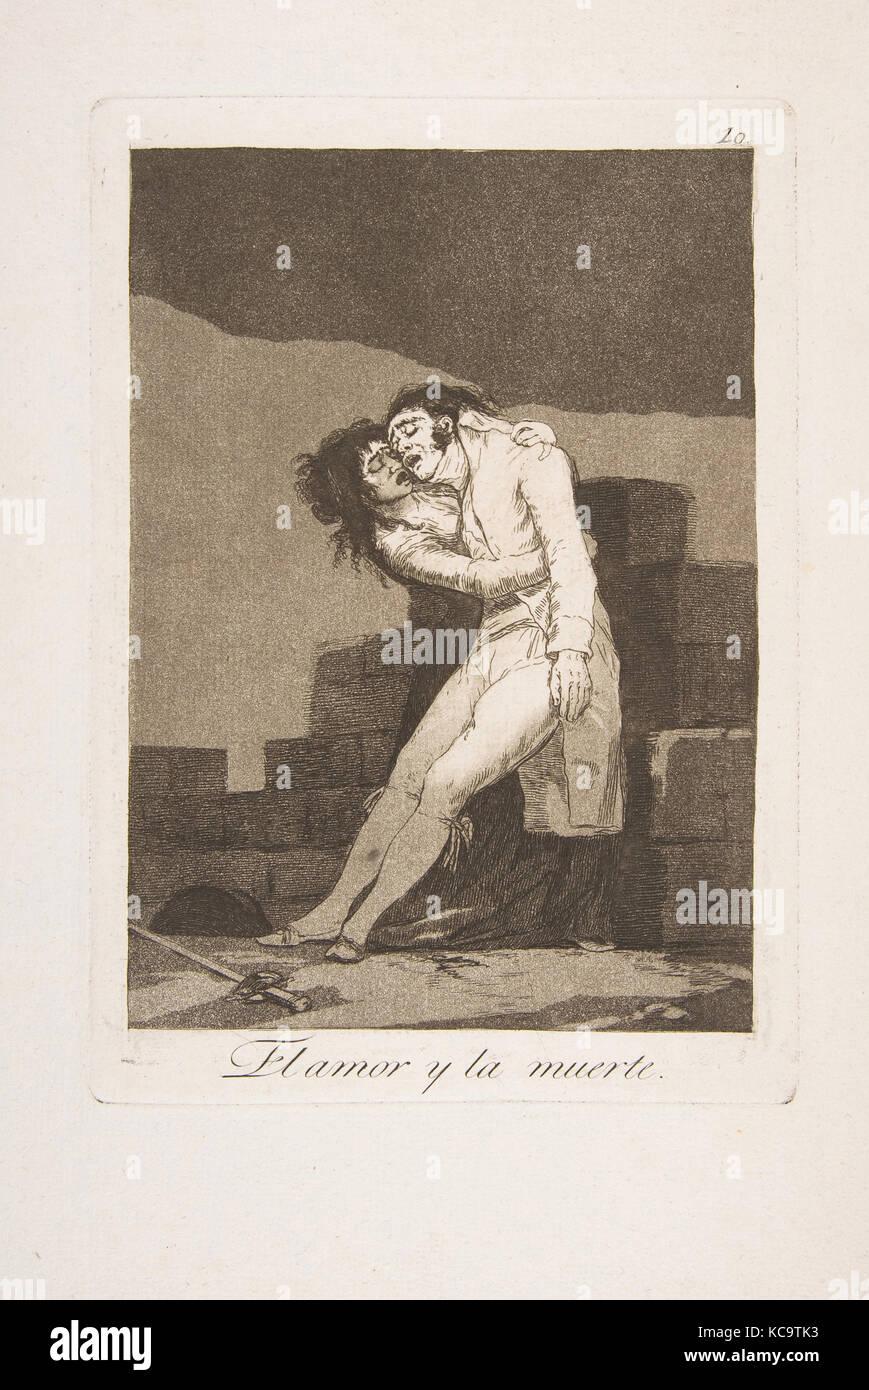 Placa a 10 de 'Los Caprichos': el amor y la muerte (El amor y la muerte), Goya, 1799 Imagen De Stock